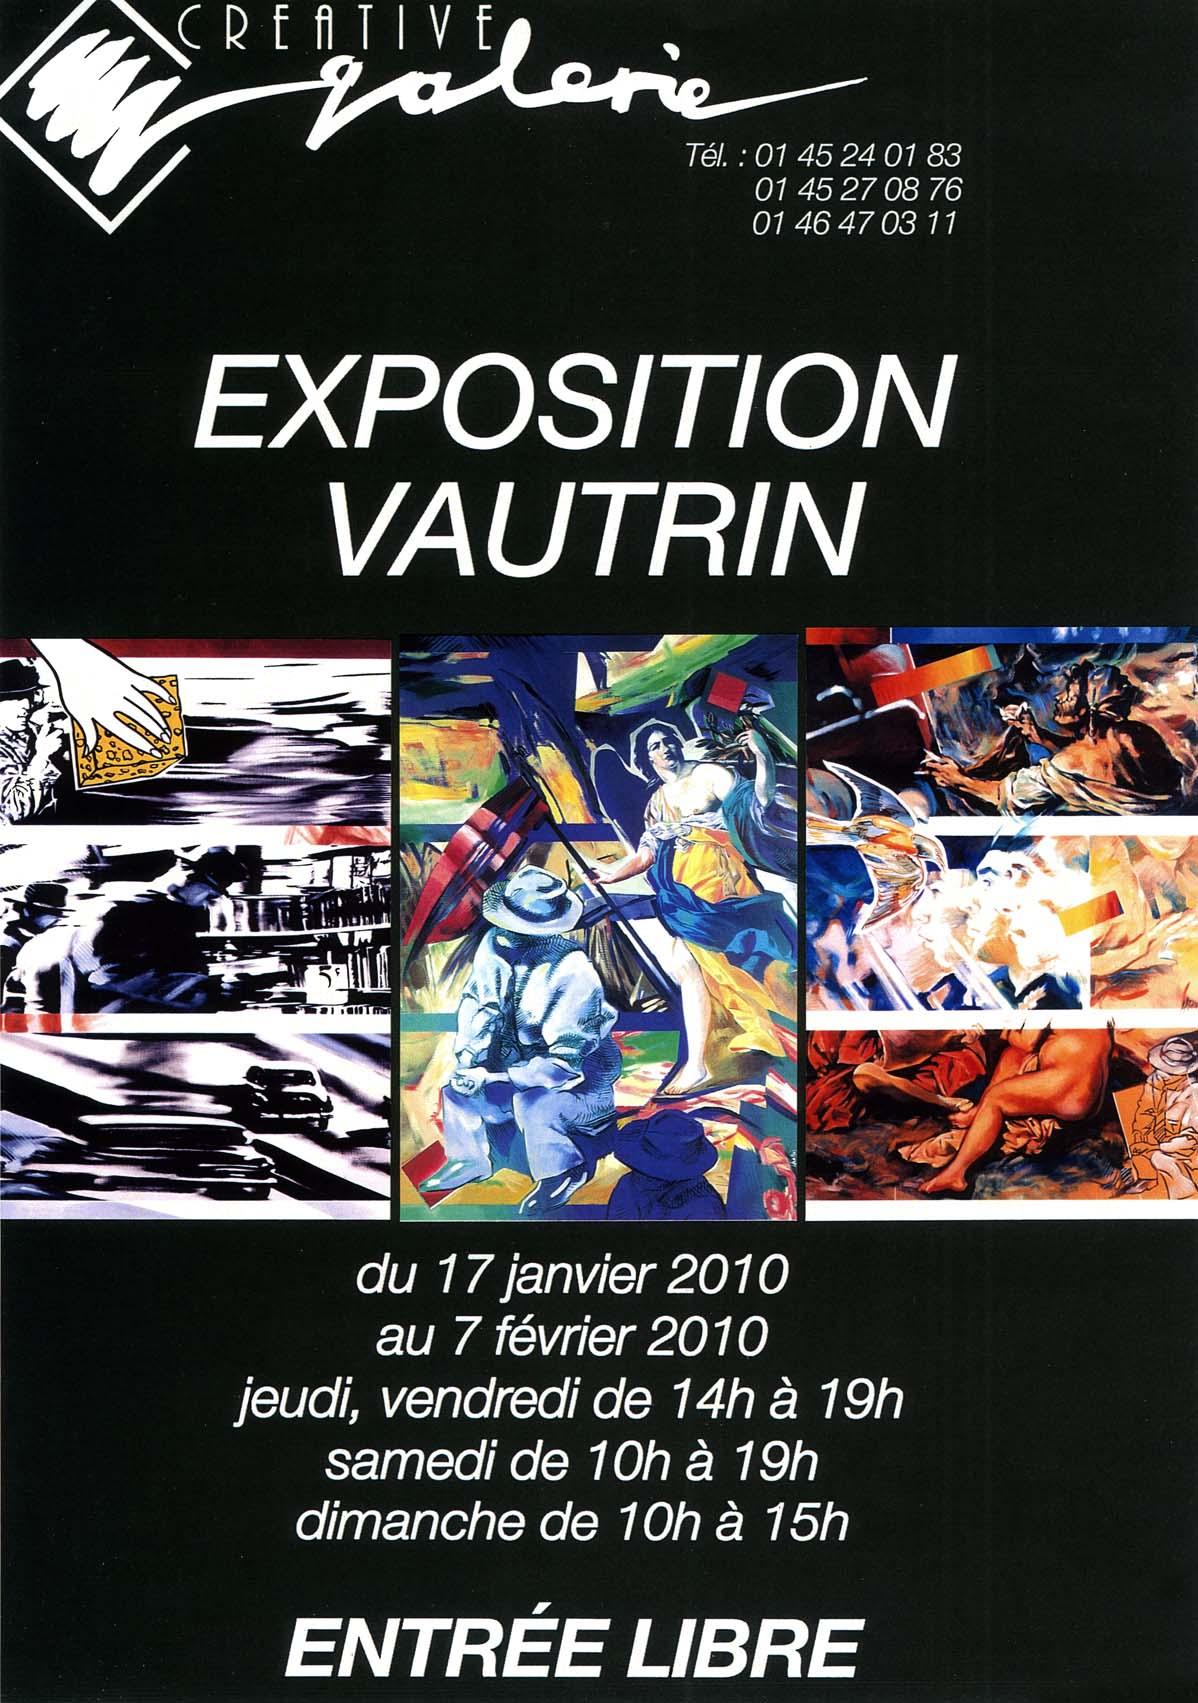 Créative Galerie Exposition Vautrin 2010